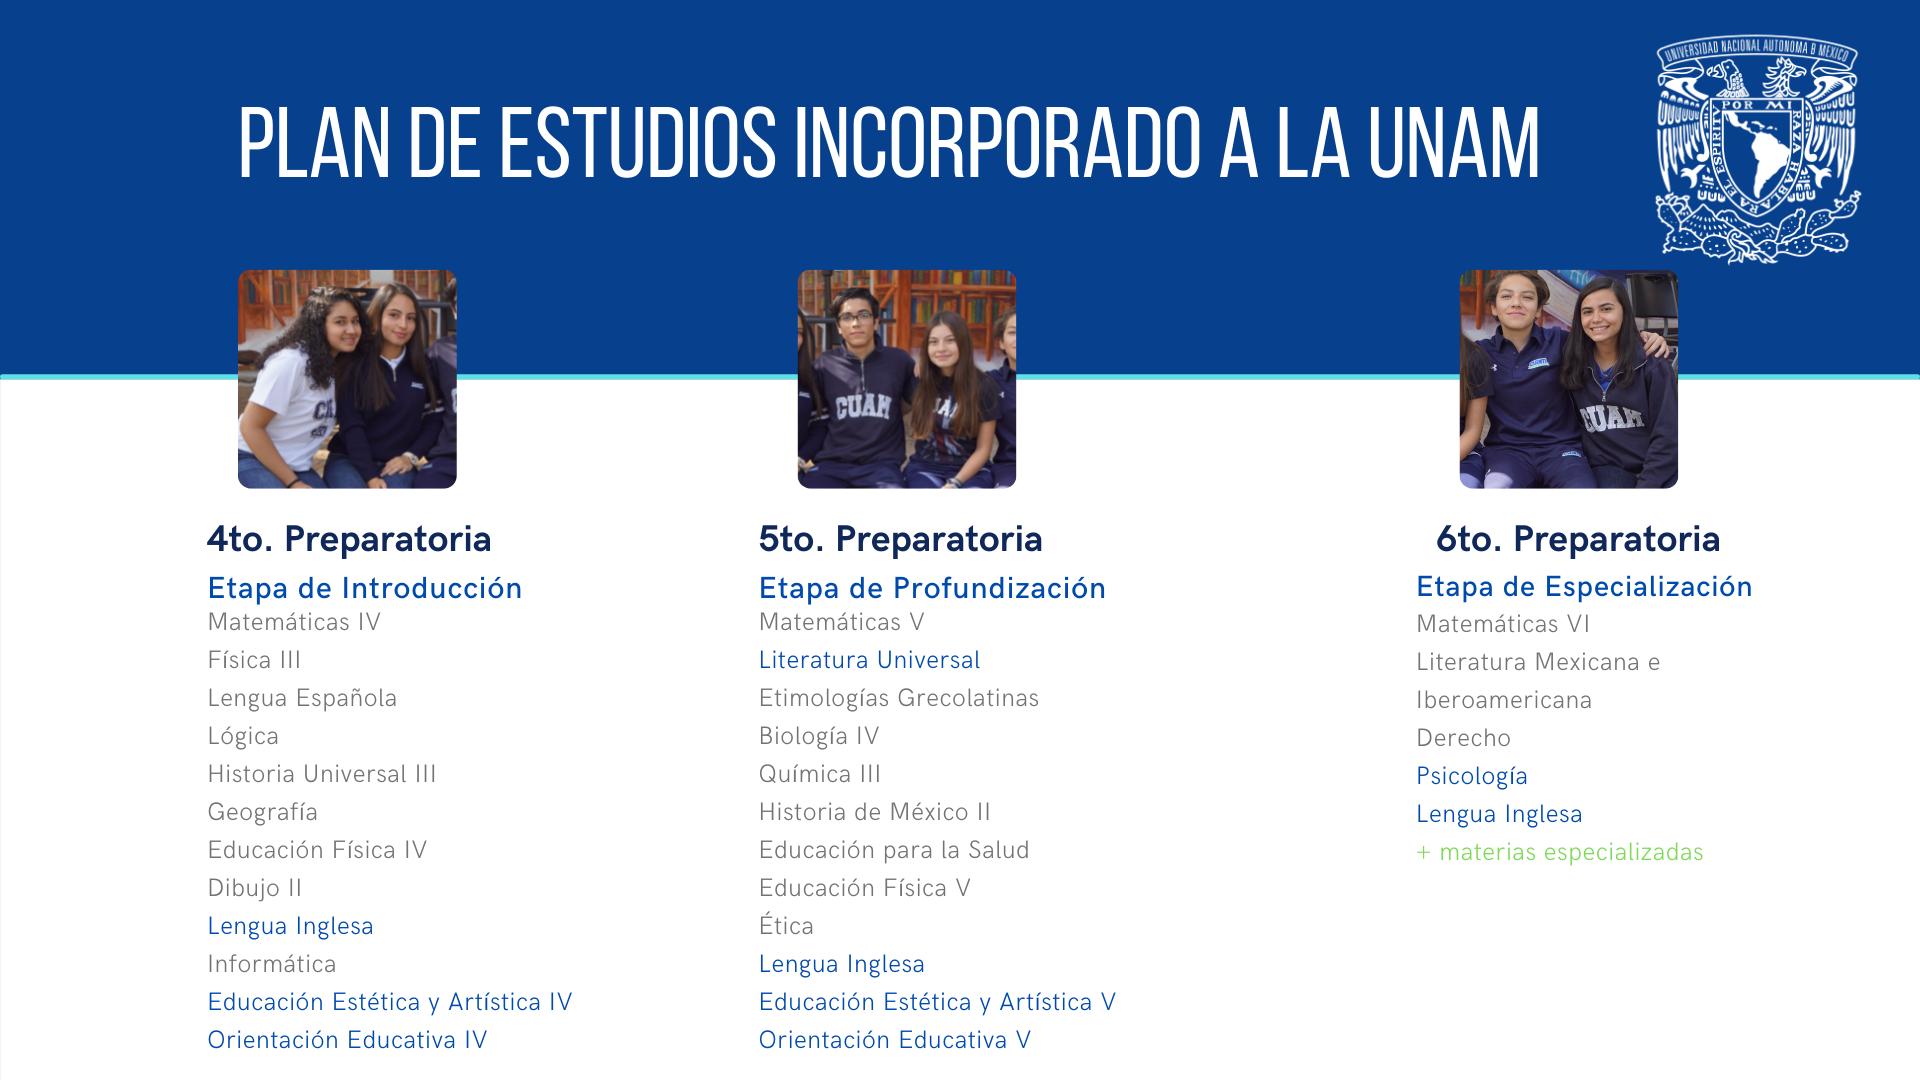 Plan de estudios incorporado a la UNAM